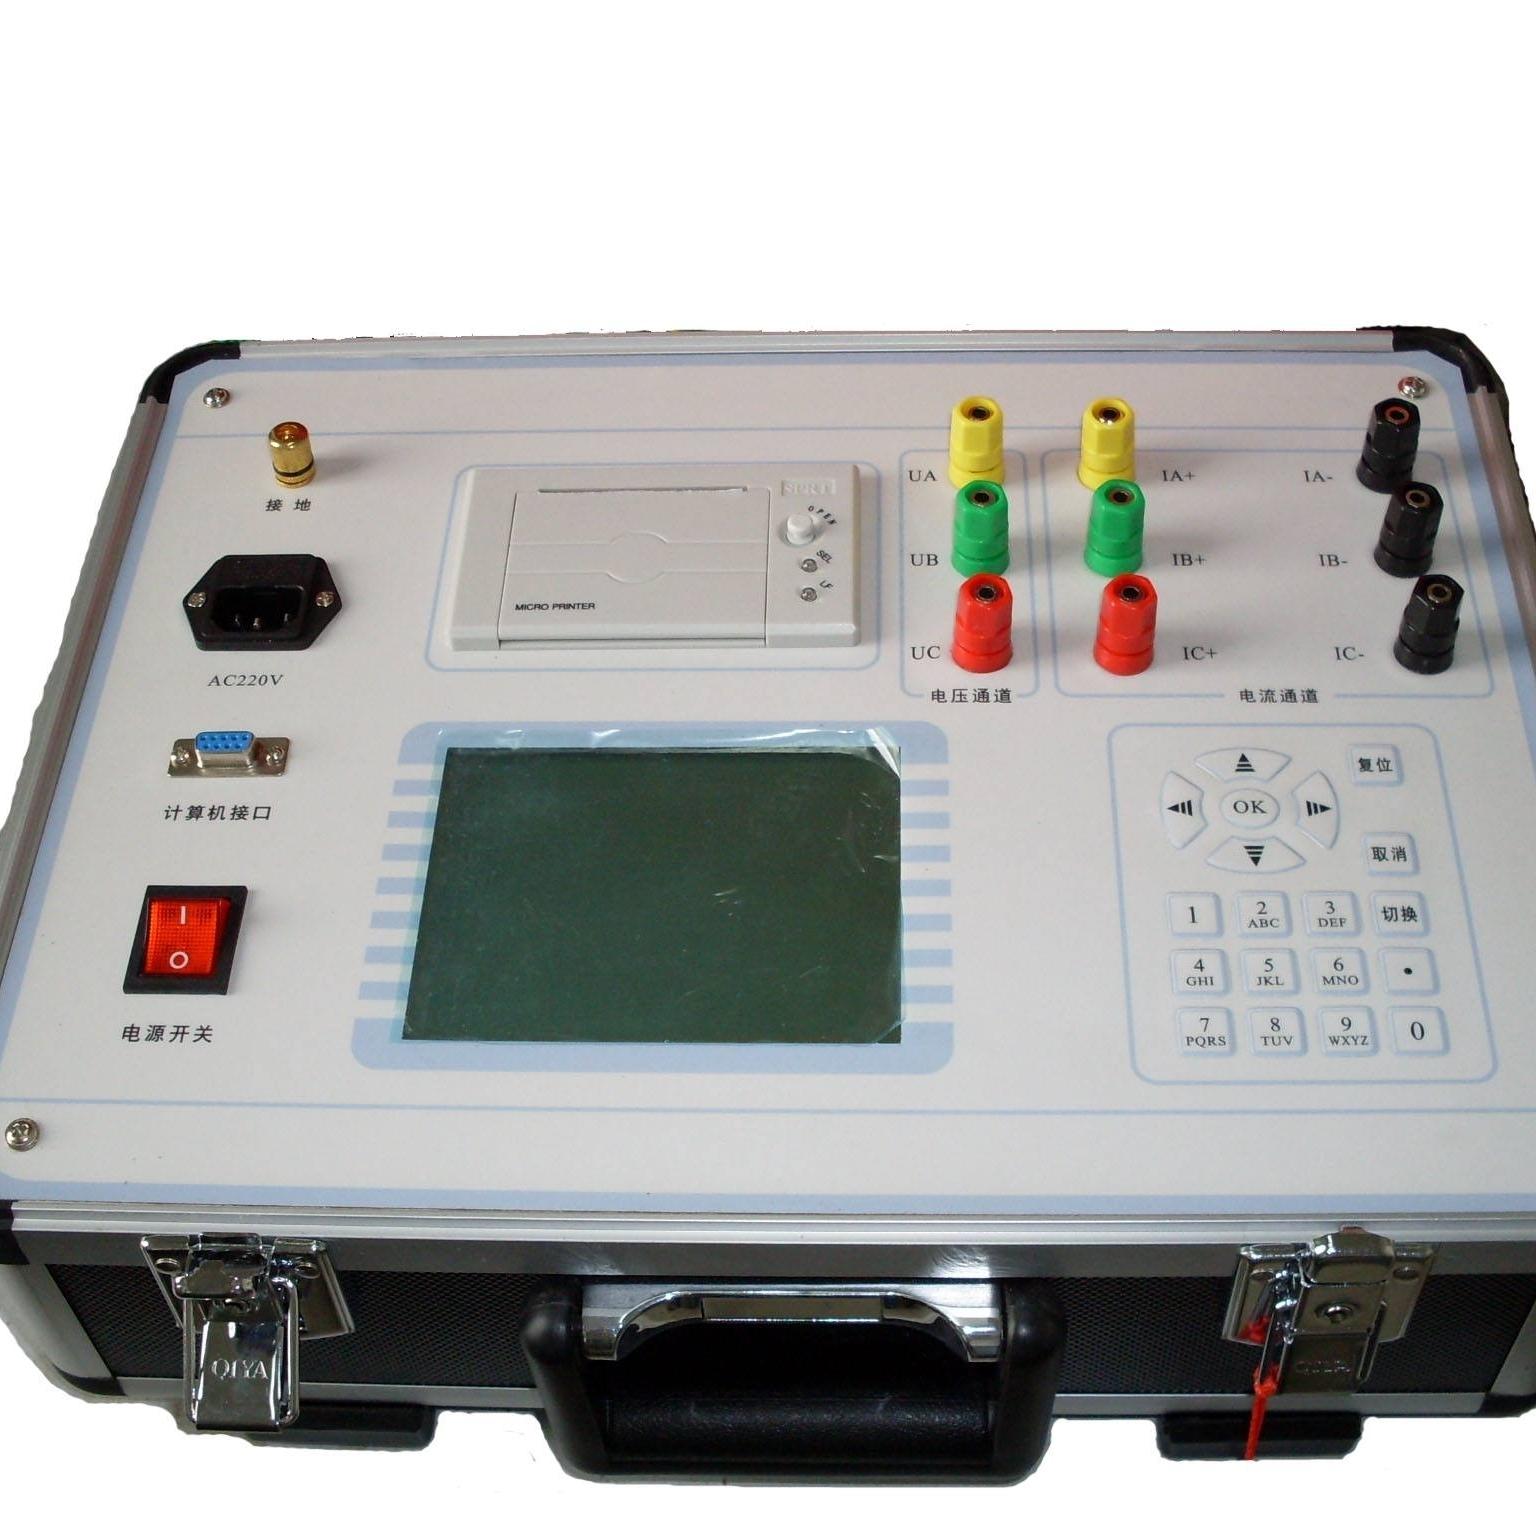 变压器空负载特性测试仪产品特性